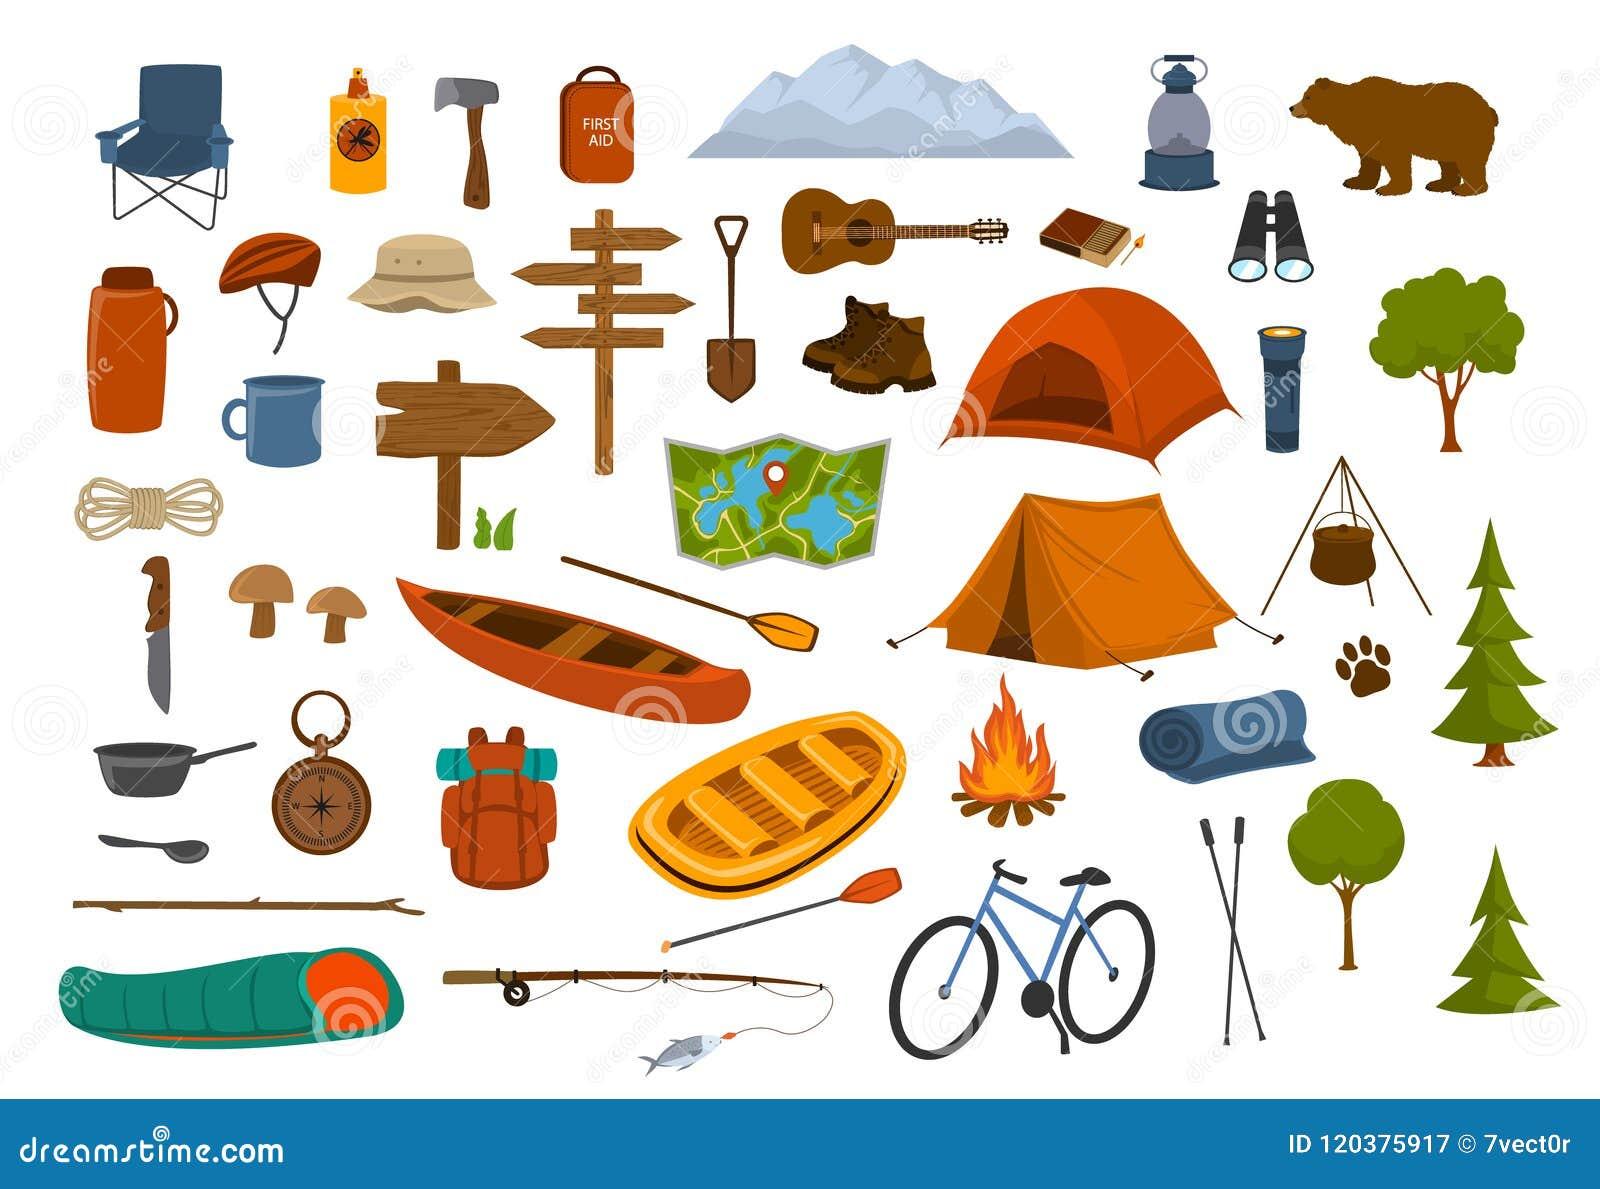 Campingowe wycieczkuje przekładni i dostaw grafika